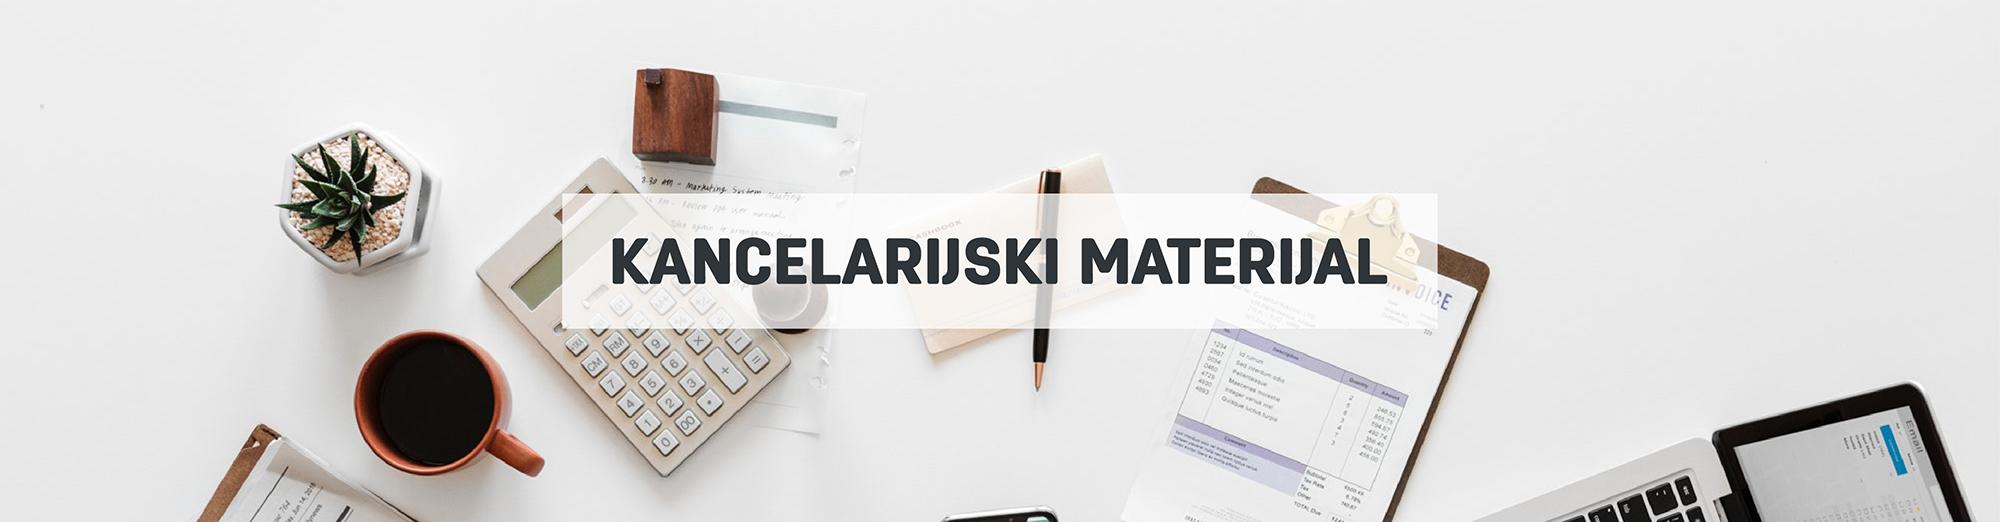 Kancelarijski materijal, pribor i oprema